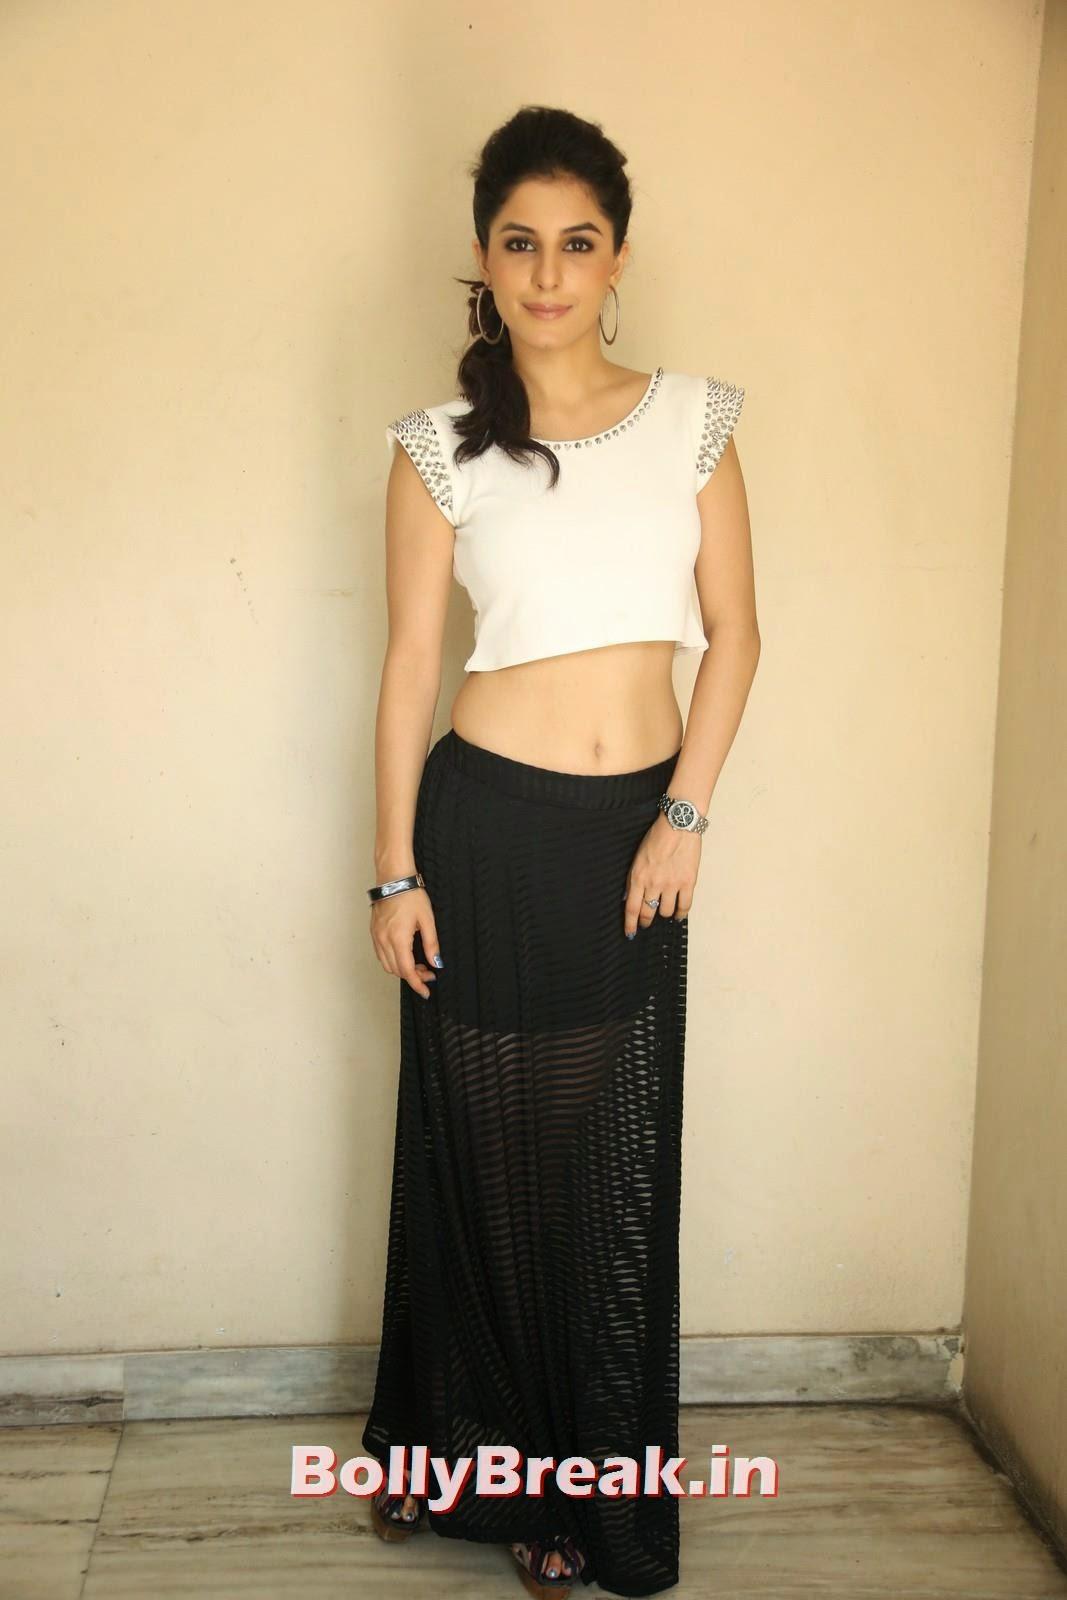 Isha Talwar (7), Isha Talwar Pics in Tank Top - Navel Pics - Bollybreak Glam Actress of the Day